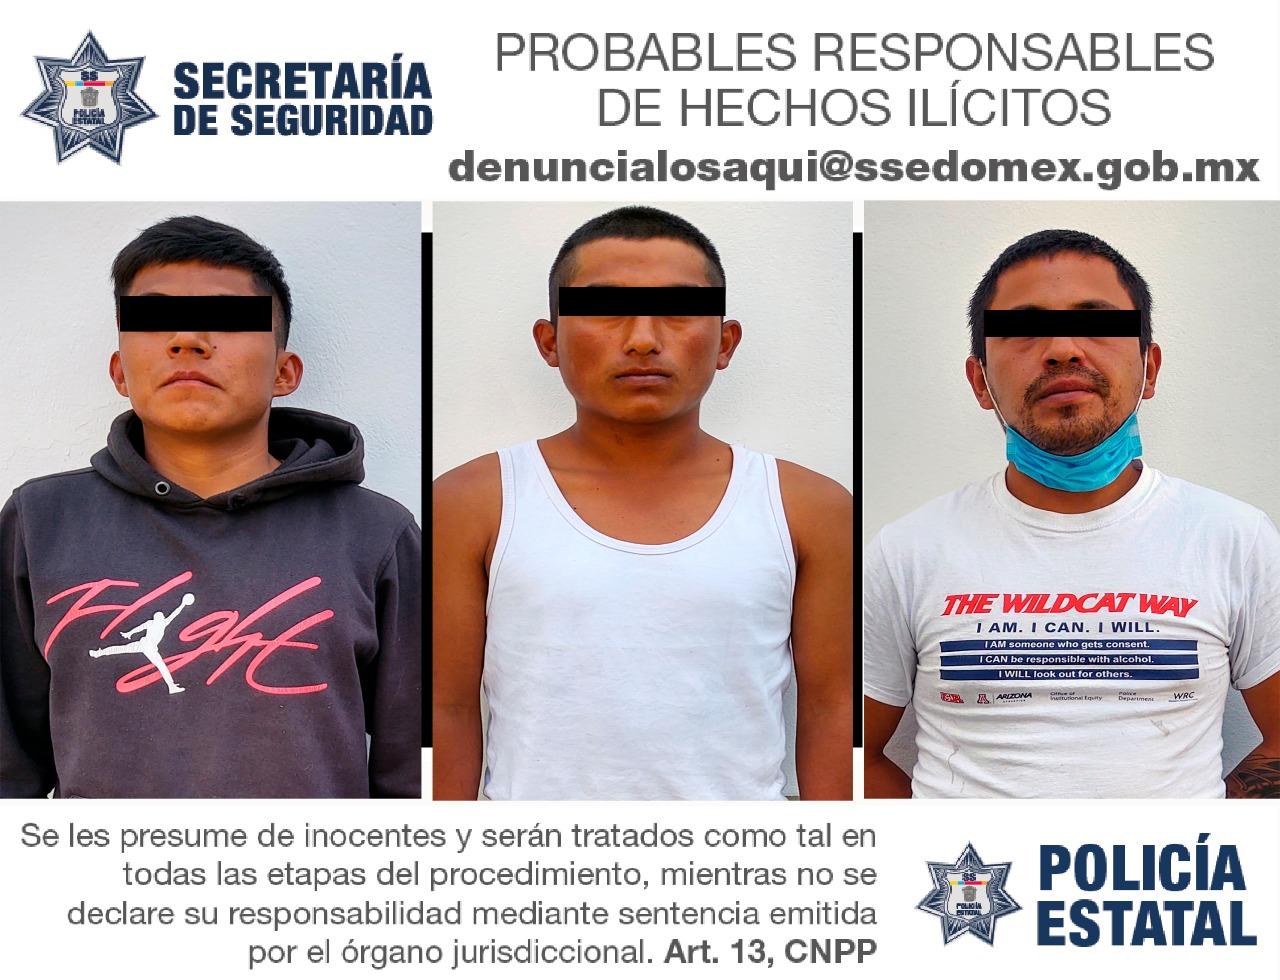 TRES PROBABLES RESPONSABLES DE DELITOS CONTRA LA SALUD Y OPERACIONES CON RECURSOS DE PROCEDENCIA ILÍCITA SON DETENIDOS